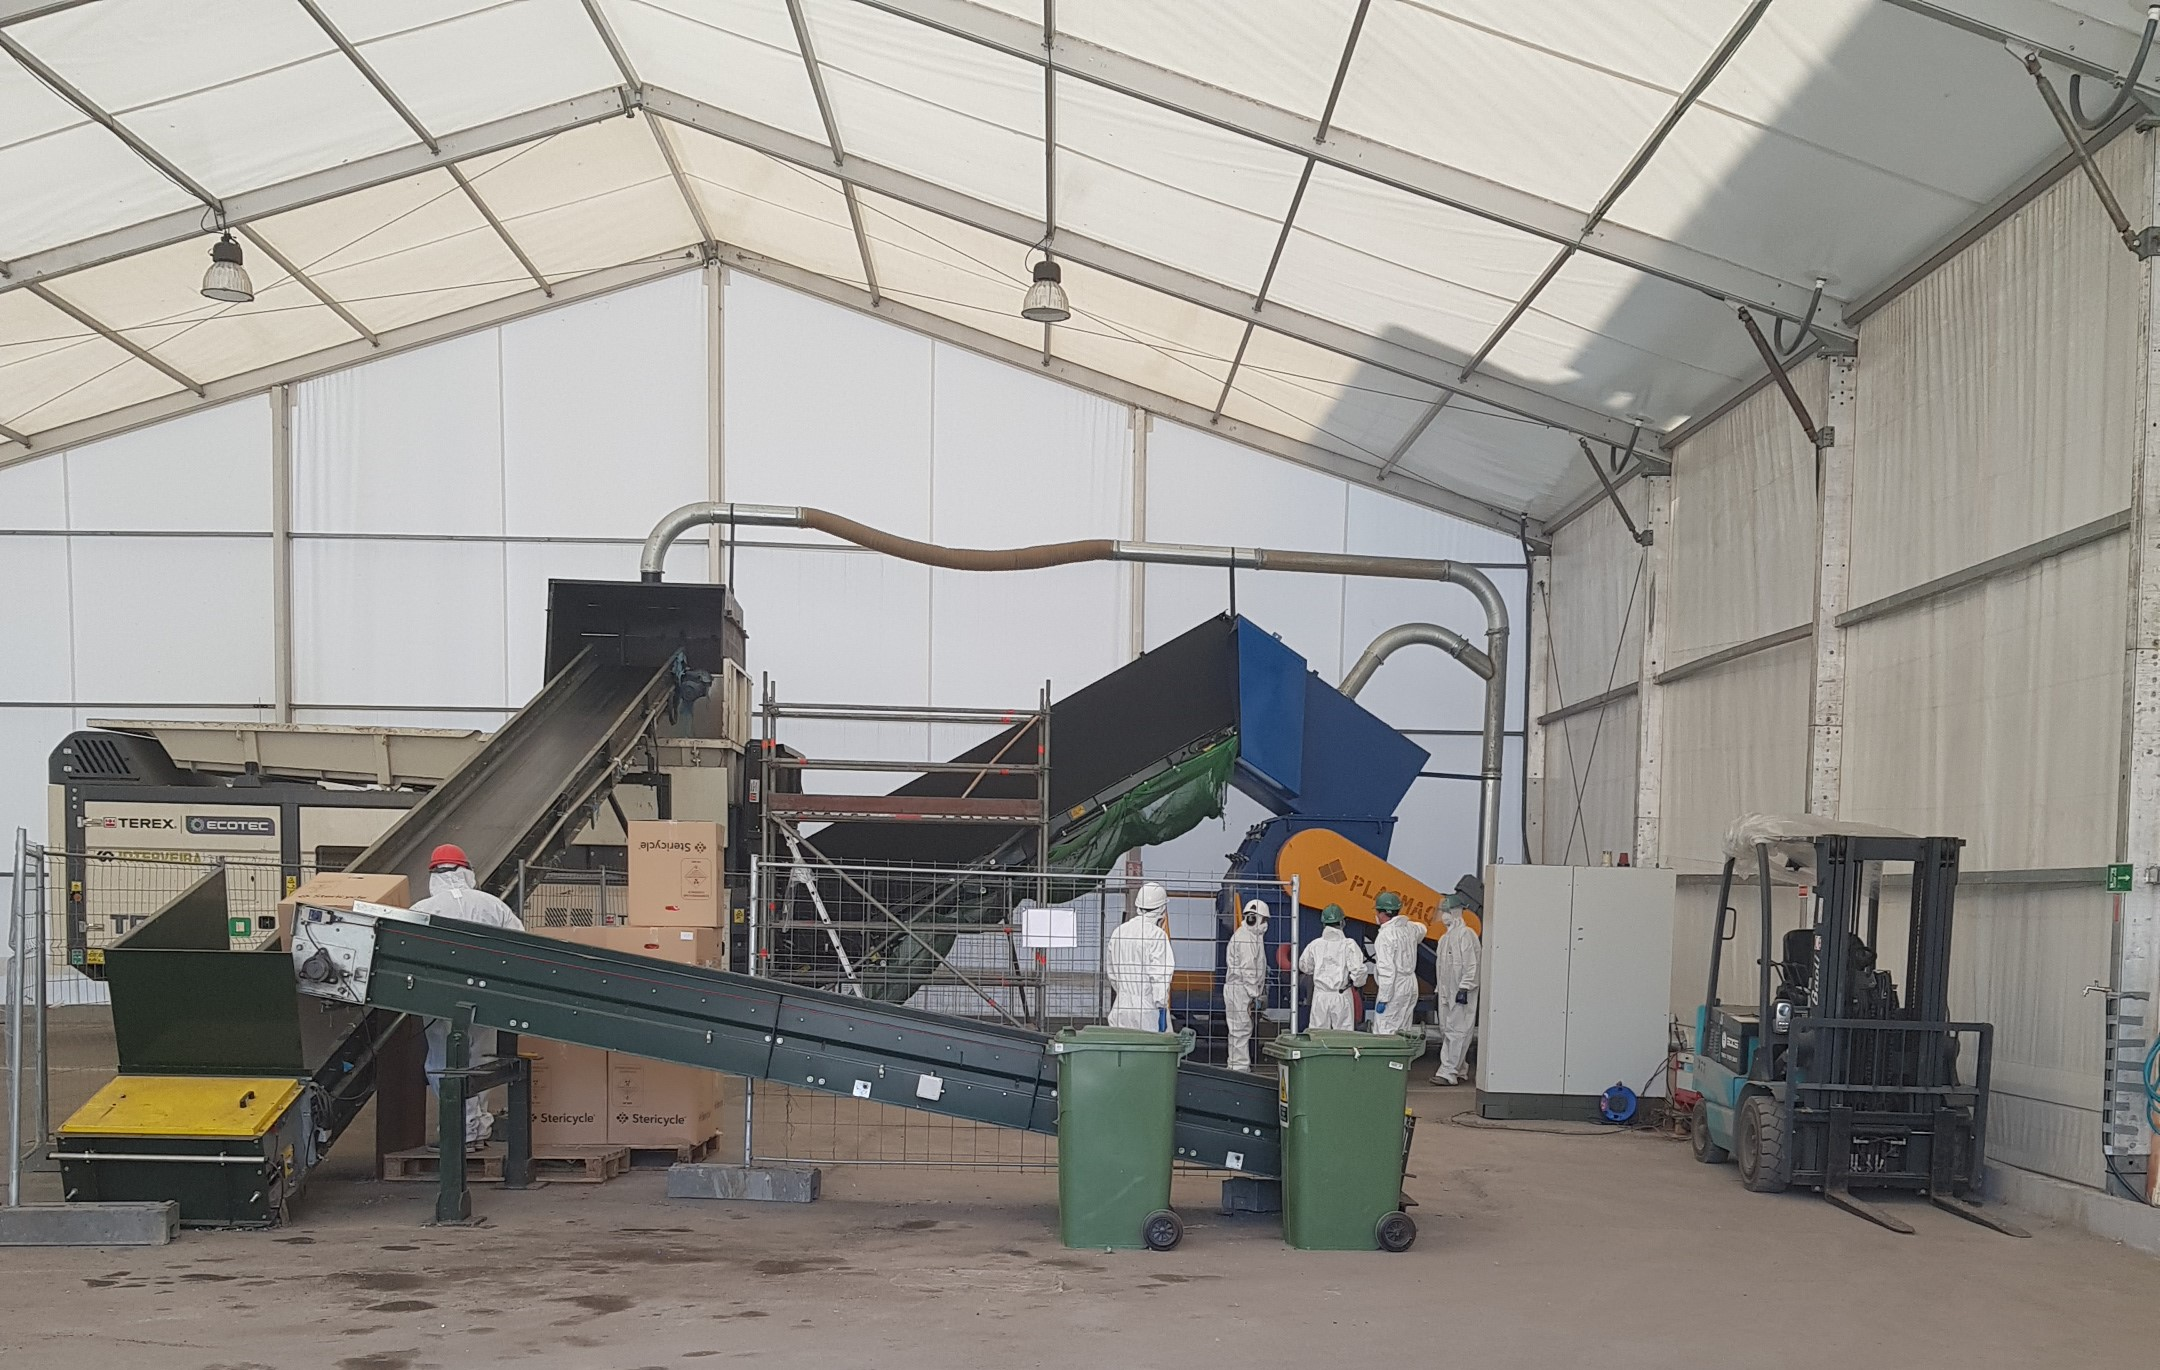 Instalación de Sogama para la gestión de residuos sanitarios del COVID-19